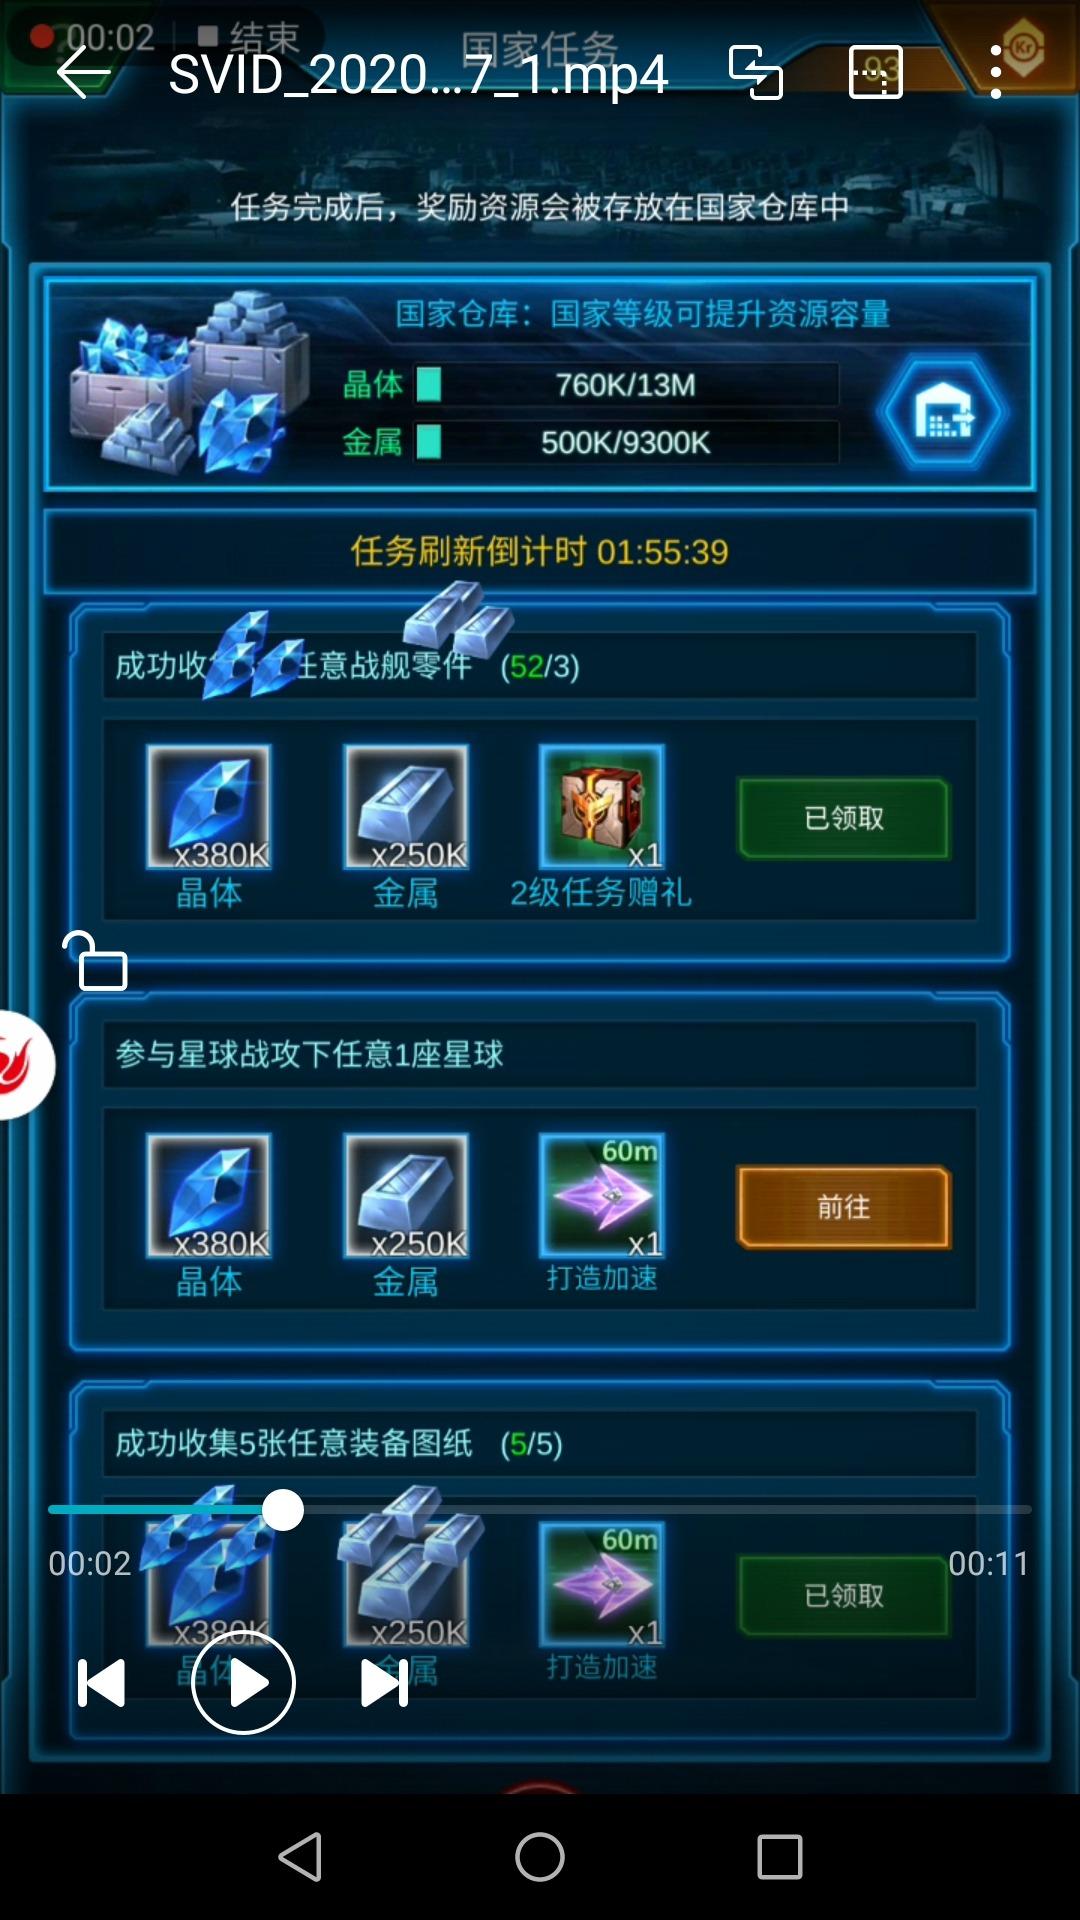 Screenshot_20200204-100709.jpg